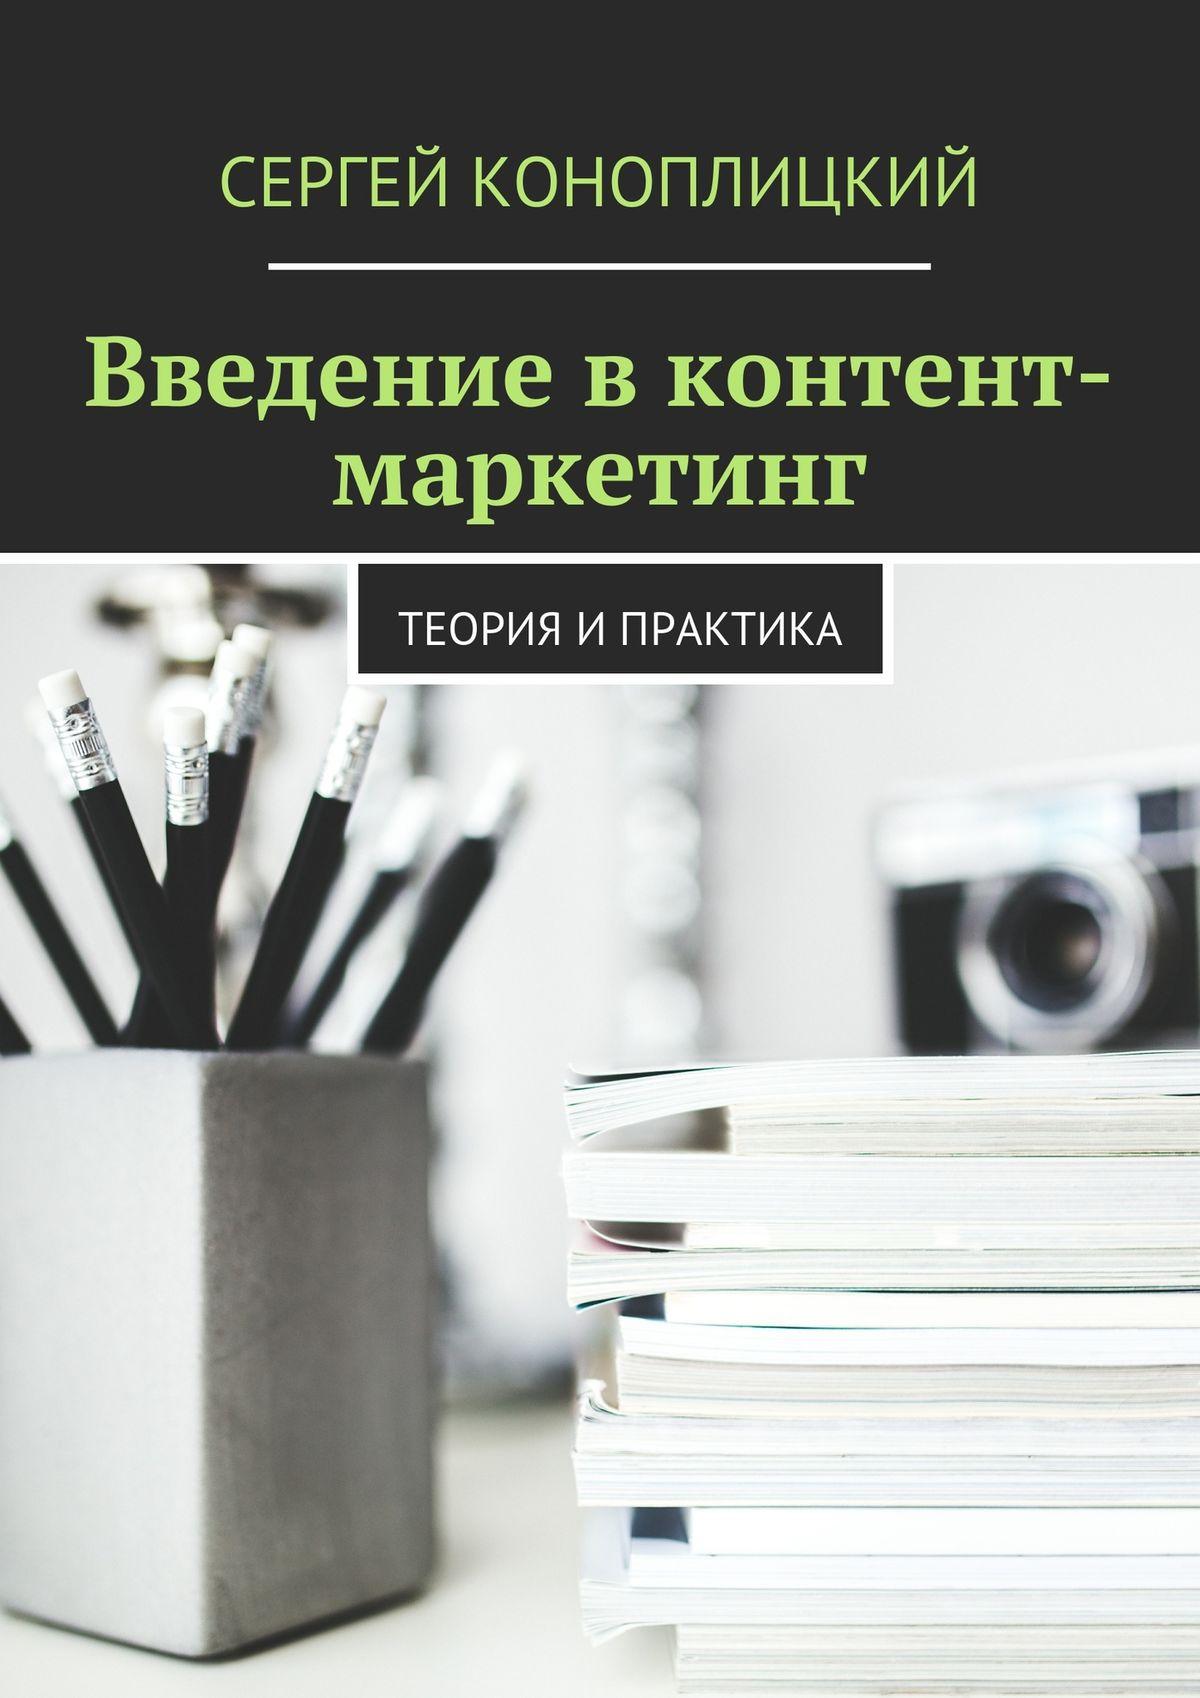 Обложка книги Введение в контент-маркетинг. Теория и практика